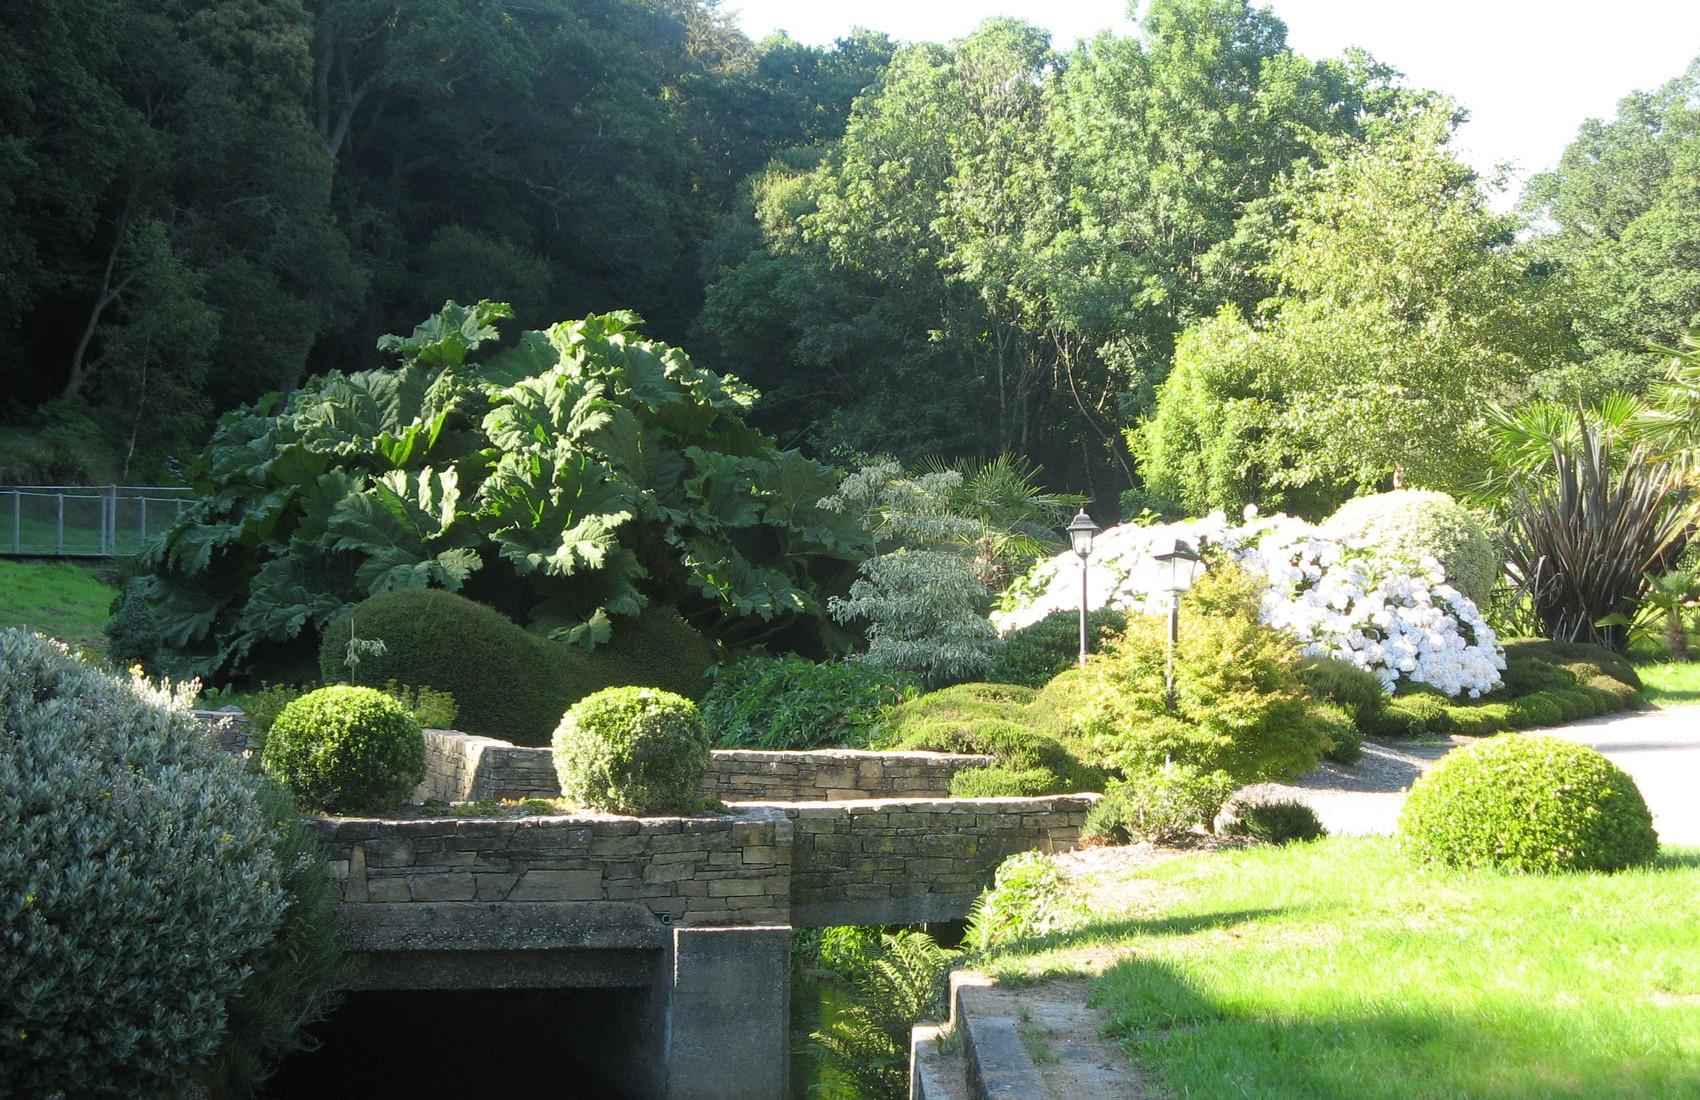 Cr ateur de jardins la for t fouesnant finist re sud for Entretien jardin fouesnant